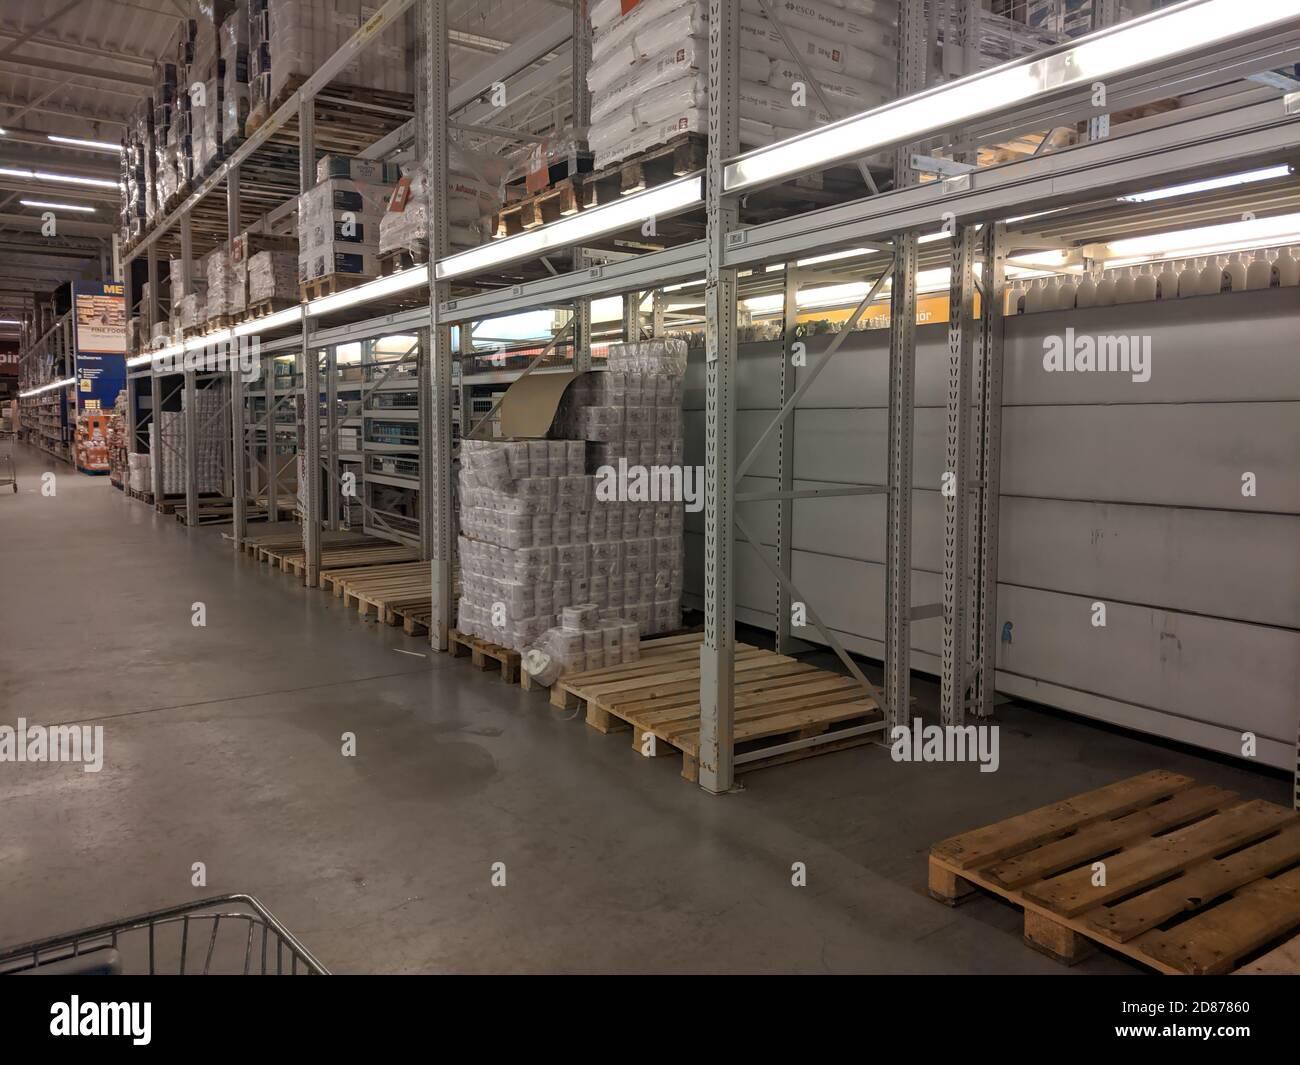 Munich, Bavière, Allemagne. 27 octobre 2020. Malgré les fournisseurs et les détaillants qui ont déclaré une fois de plus qu'il n'y a pas de problème d'approvisionnement, ce que l'on appelle Hamsterkaeufer (Hamster Shoppers, hoarders) raure les étagères des supermarchés de papier toilette, ainsi que d'autres aliments de base, tels que les pâtes et la sauce pour pâtes alimentaires. Dans cette scène, un grand supermarché a déjà presque complètement vide des étagères dans l'allée de papier toilette. Les critiques disent que cette création artificielle de pénuries dues au palissade est anti-sociale et manque de solidarité. Credit: Sachelle Babbar/ZUMA Wire/Alay Live News Banque D'Images